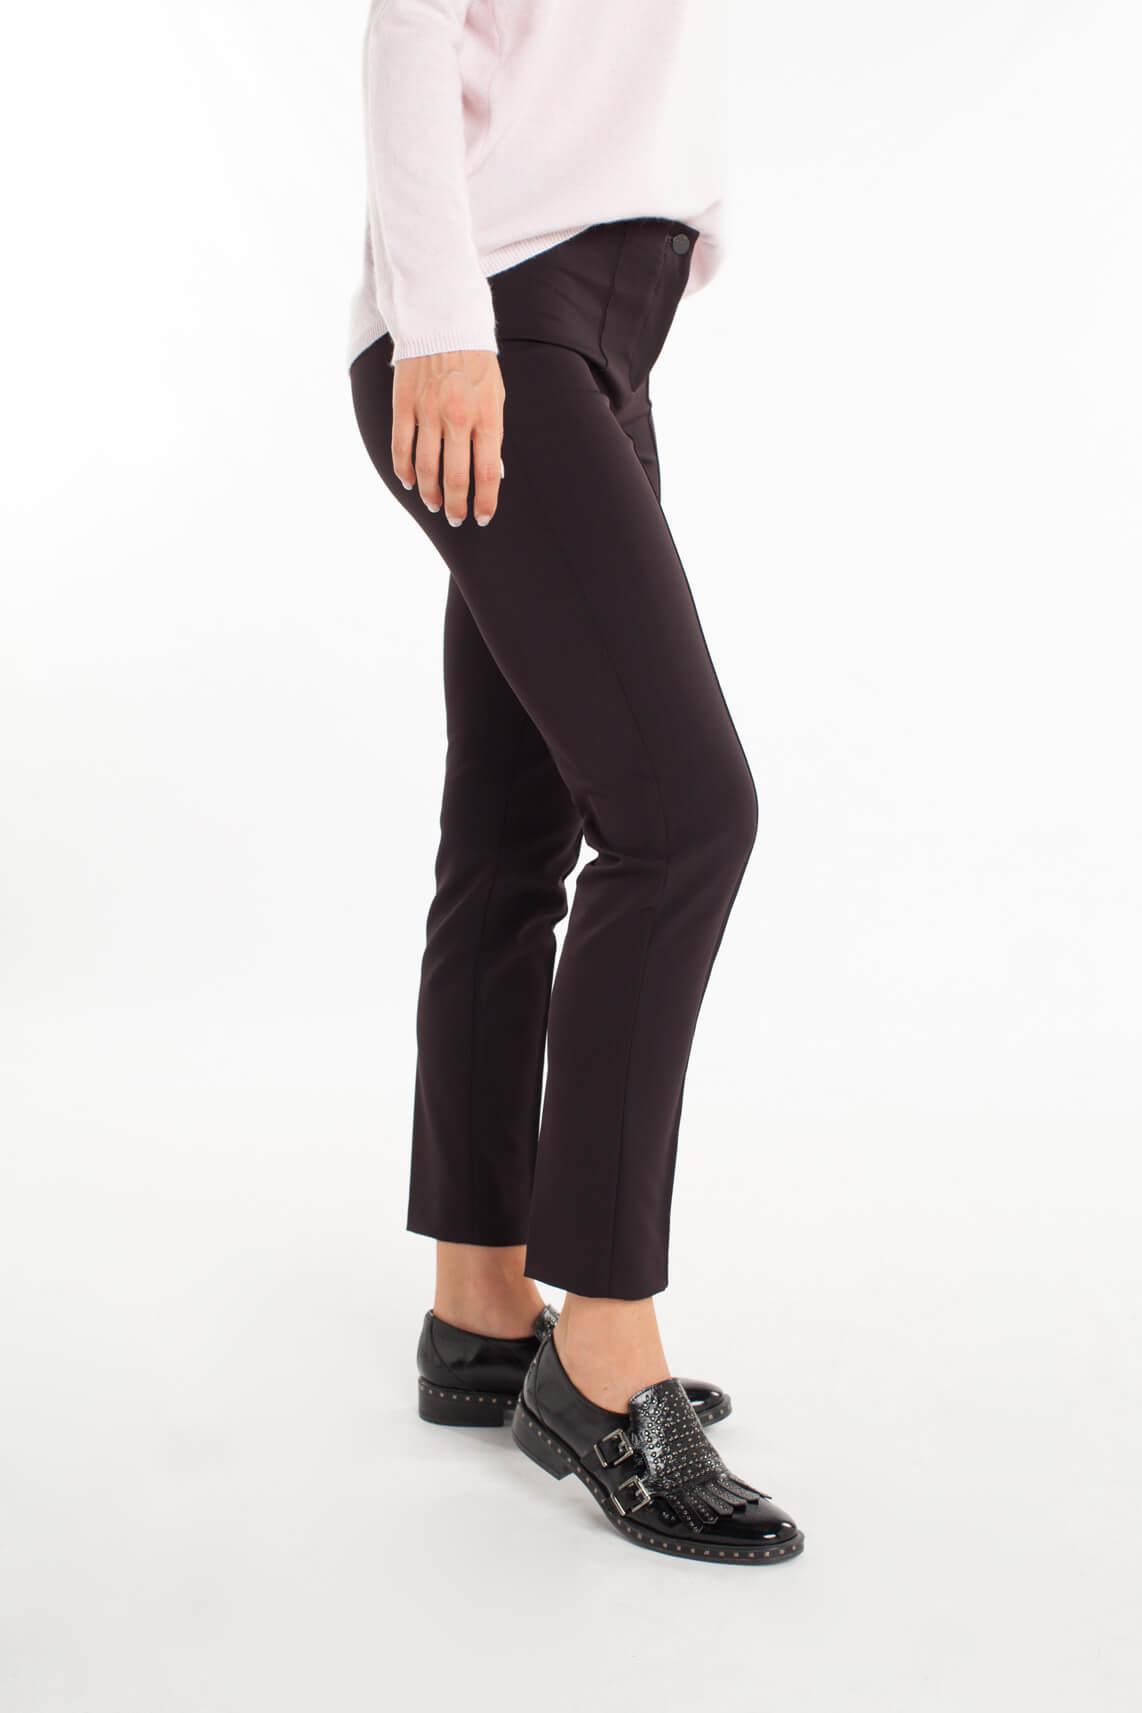 Cambio Dames Ros pantalon bruin Bruin